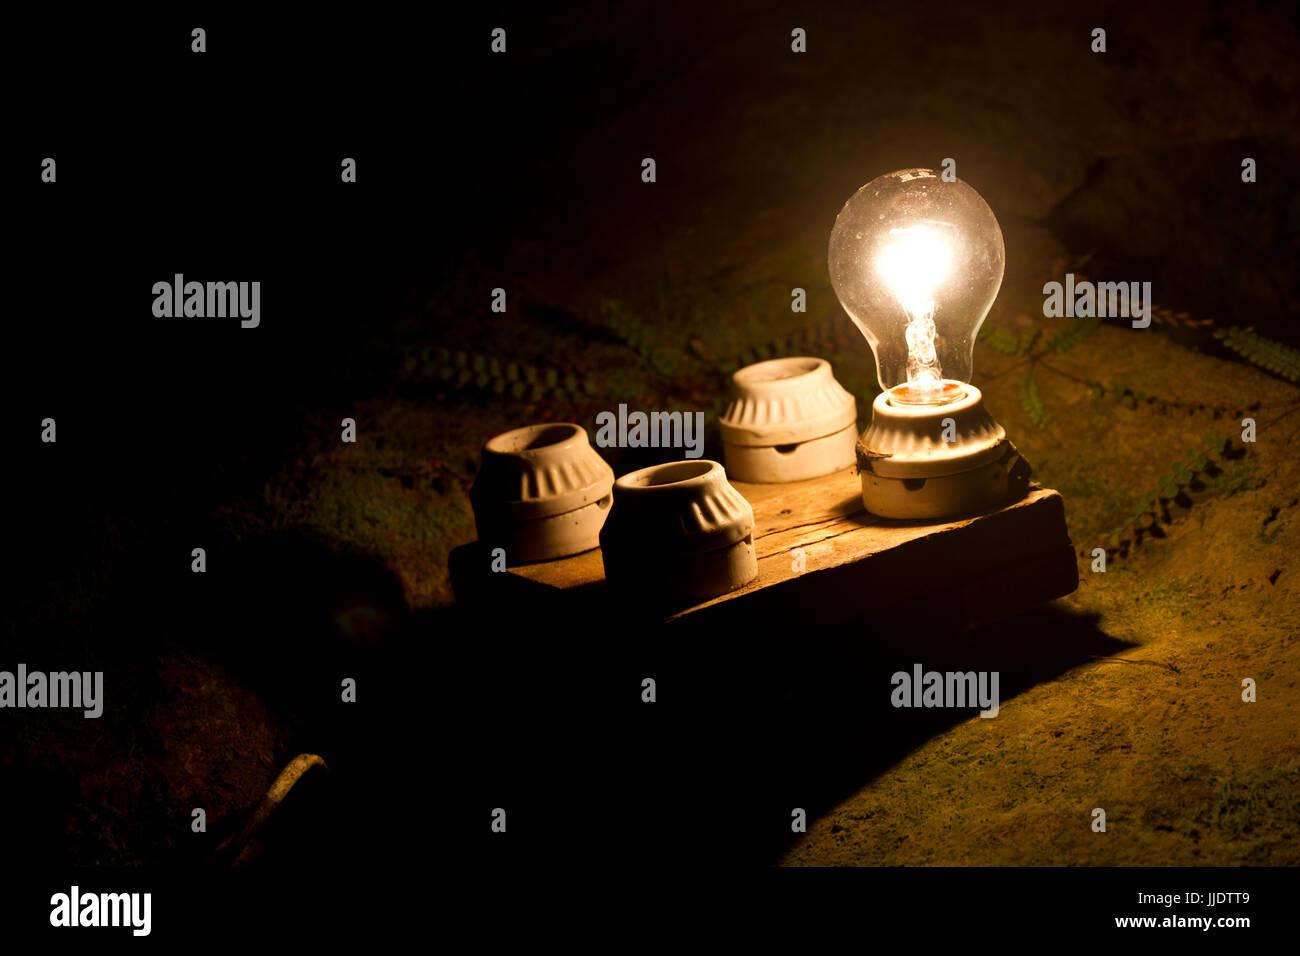 Une ampoule électrique hors de quatre autres. Une métaphore de la bonne décision. Photo Stock